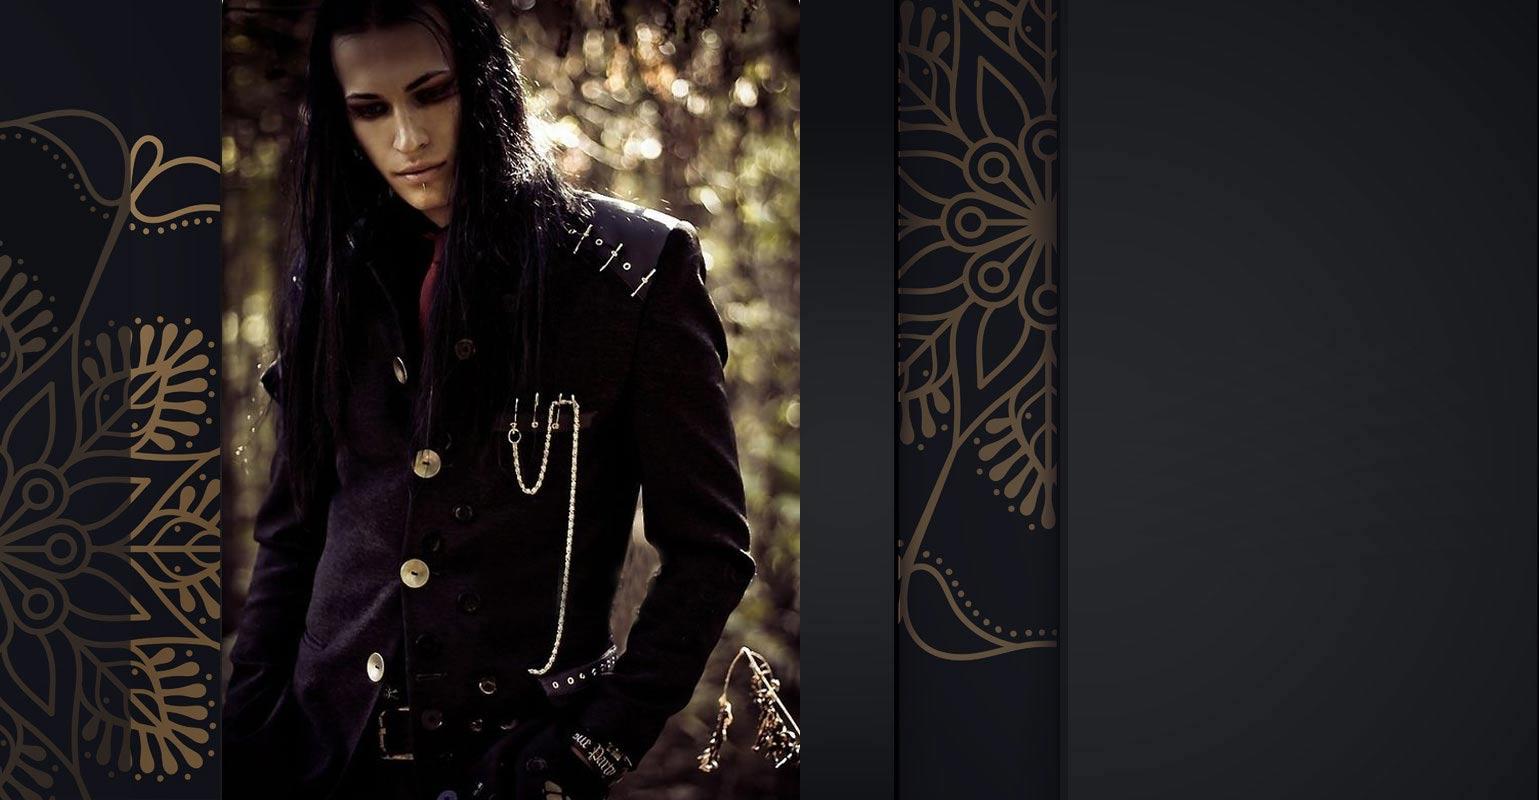 Gothic style for men 69 - استایل گوتیک مردانه